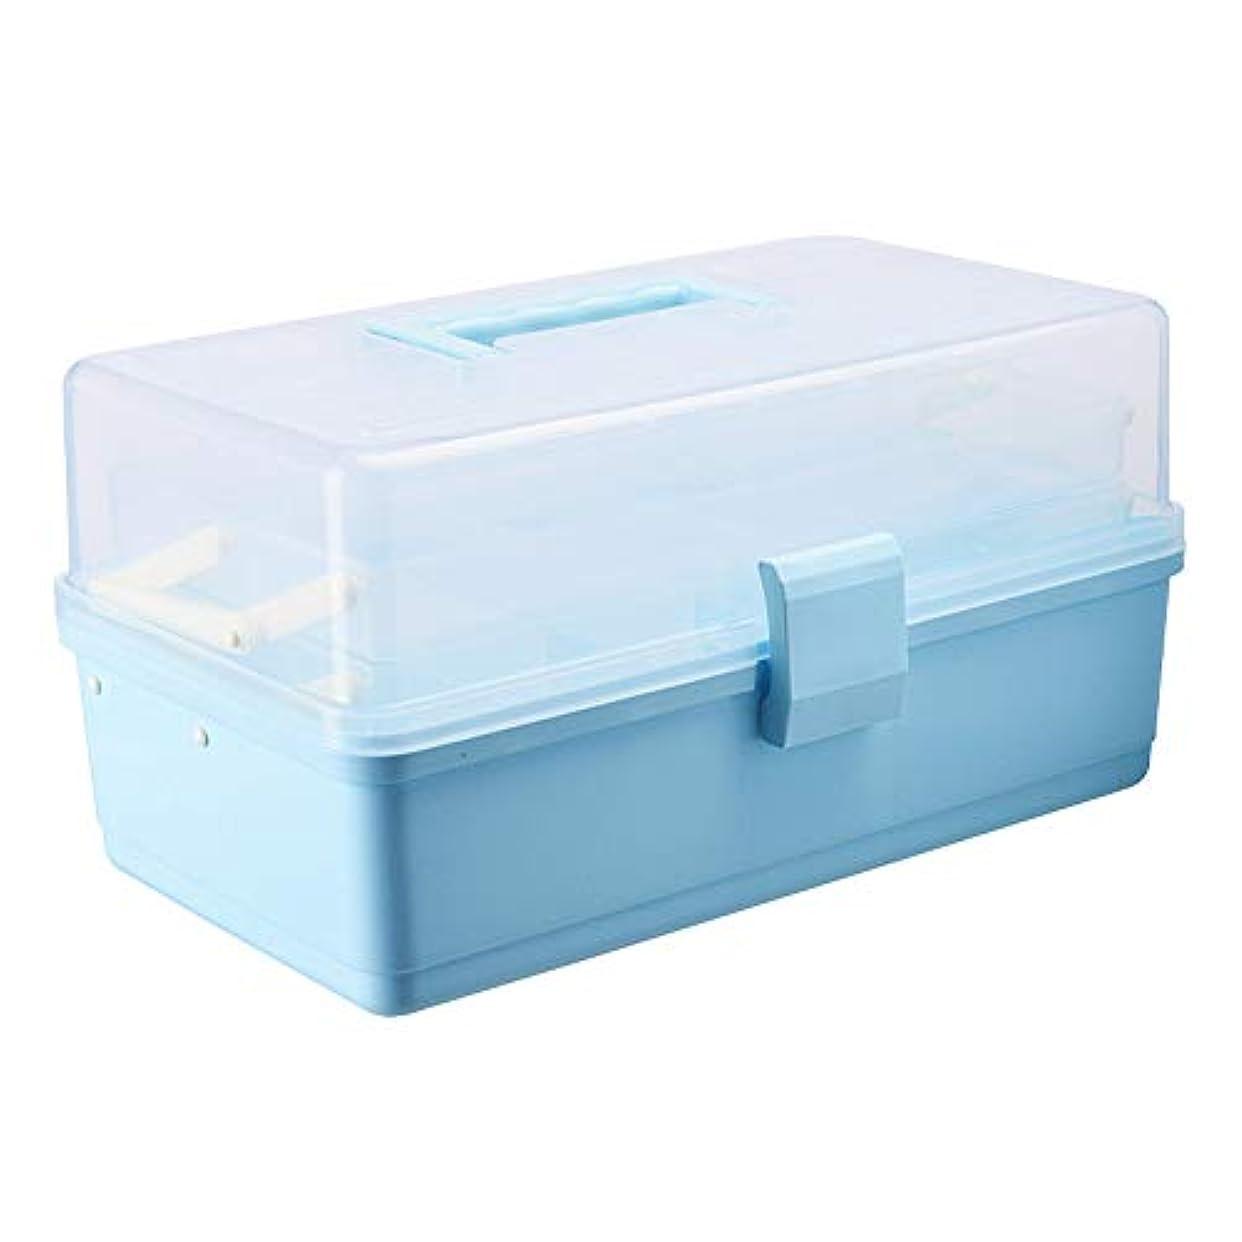 ドラッグ収納ボックス 医療ボックスPP材料、シンプルなポータブルポータブル防湿防塵目に見えるボックスカバー多層大容量、ボックス家庭用ボックス家族医療ボックス子供小箱赤ちゃん収納ボックス - サイズ:34 cm X 20.5...